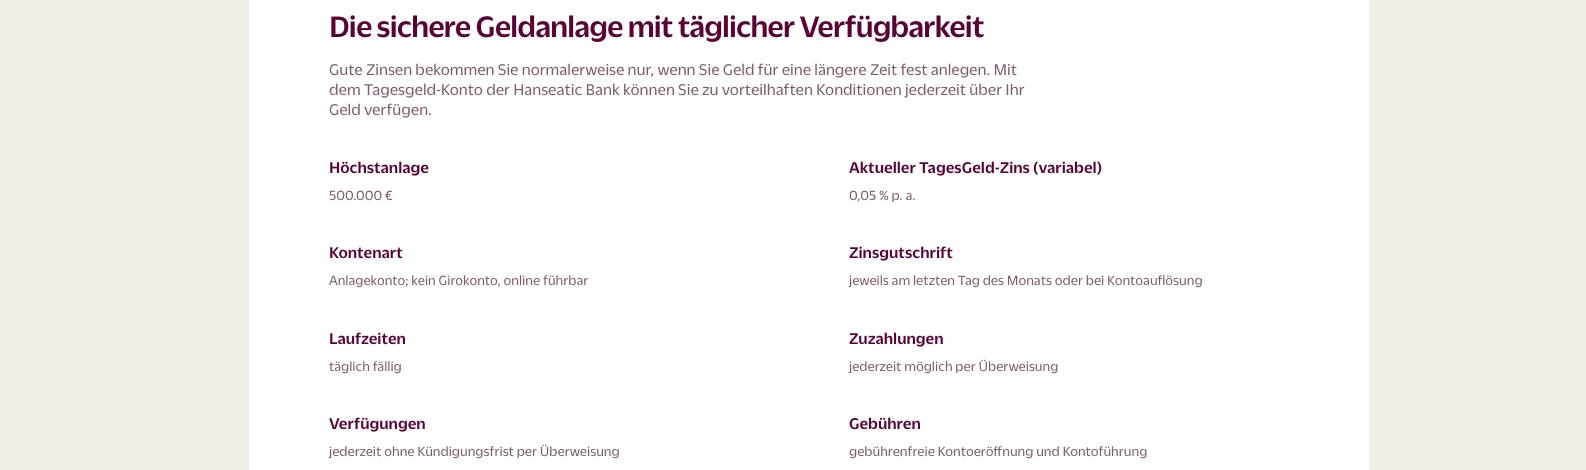 Hanseatic Bank Tagesgeld